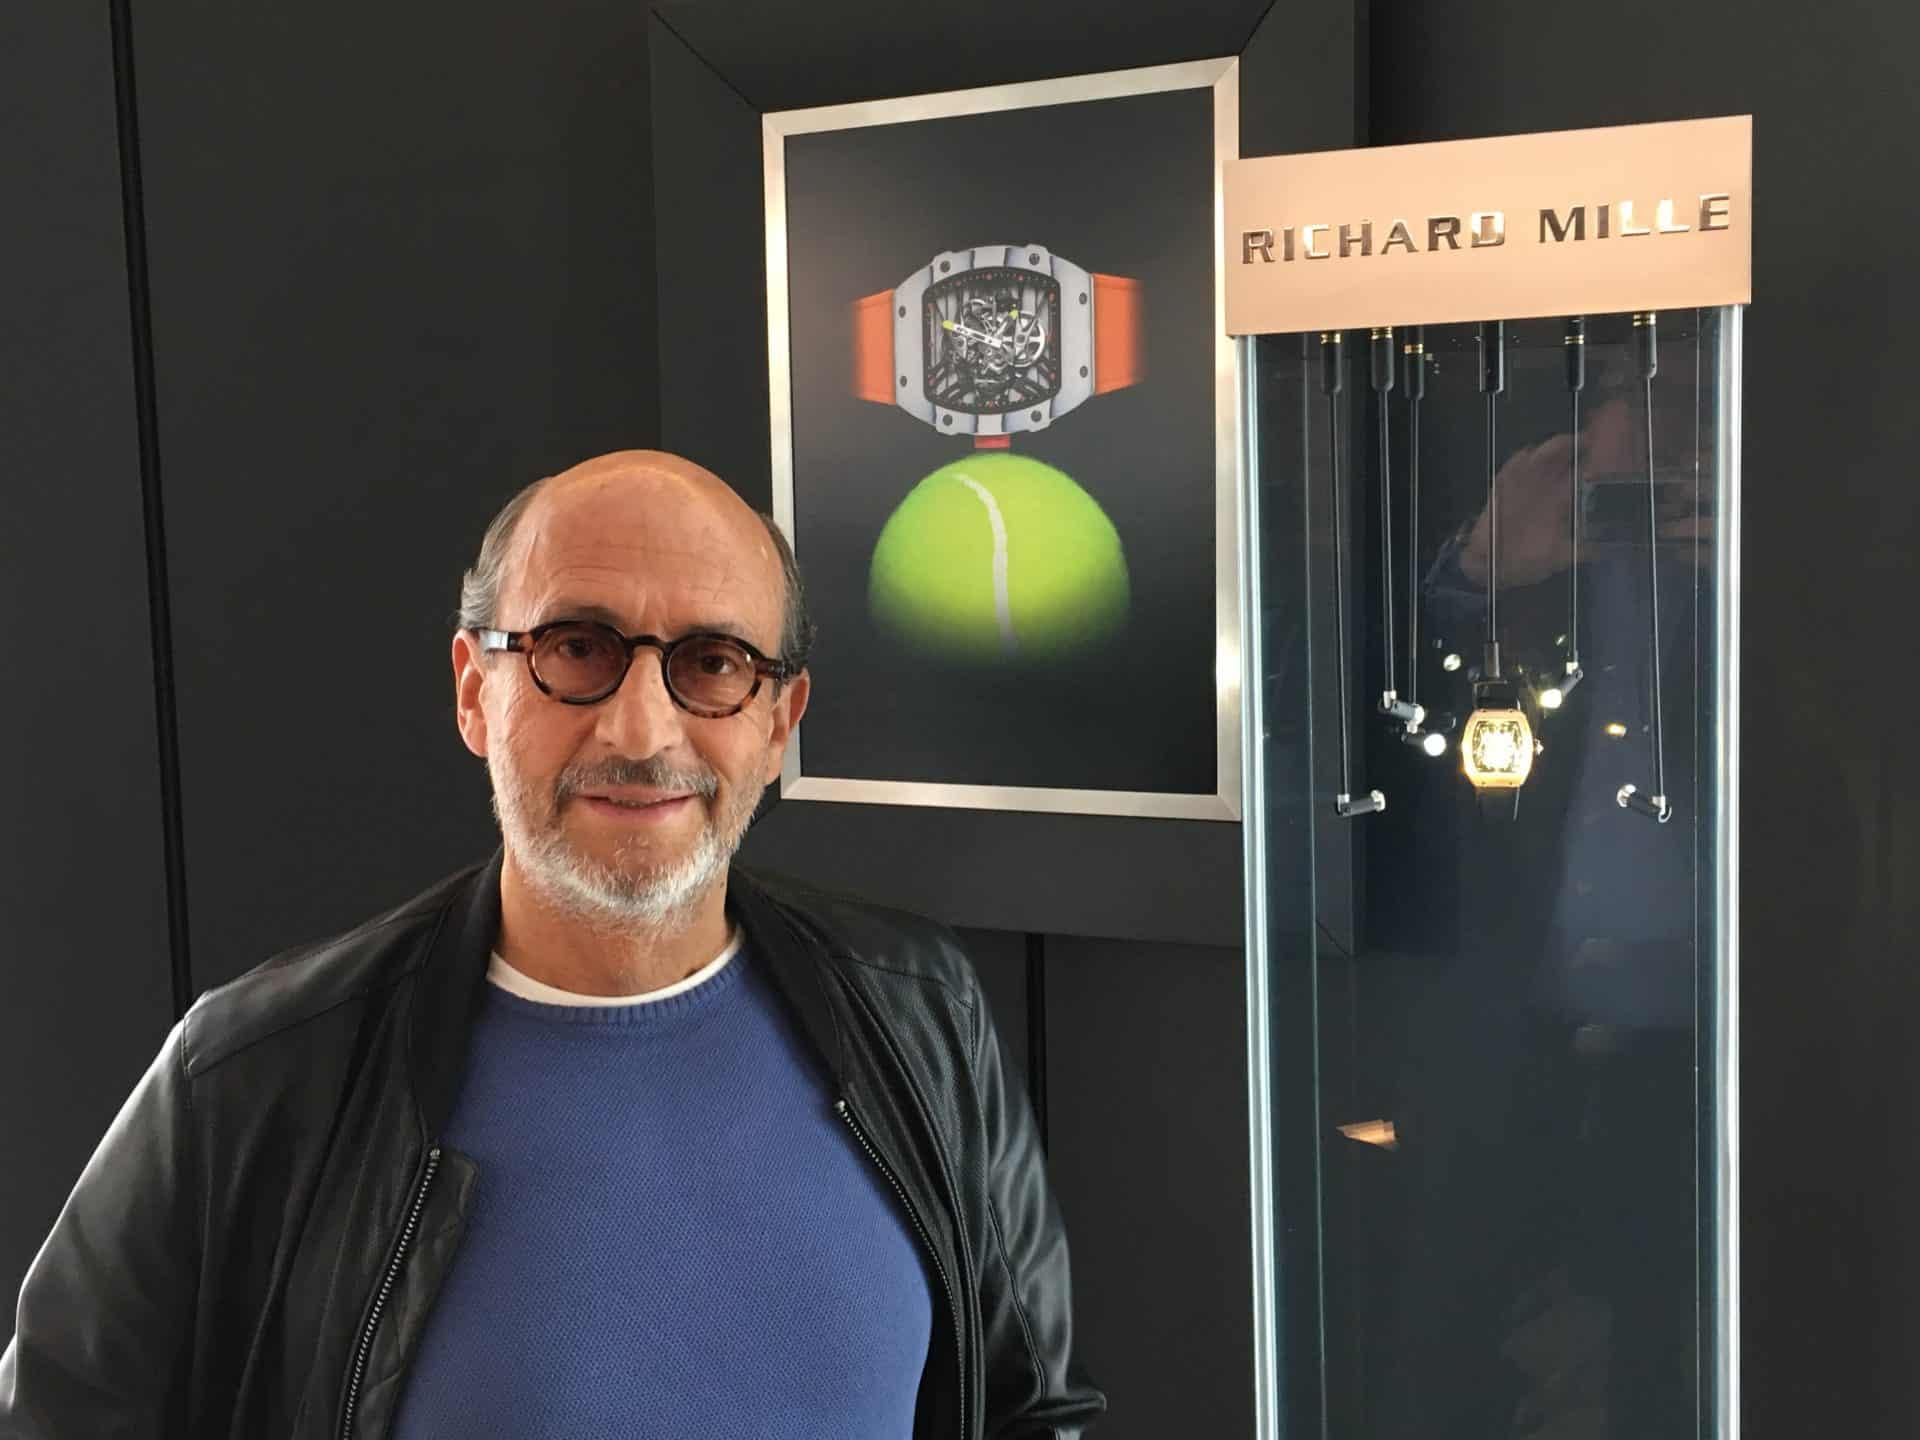 Richard Mille Gründer von Richard Mille Luxusuhren